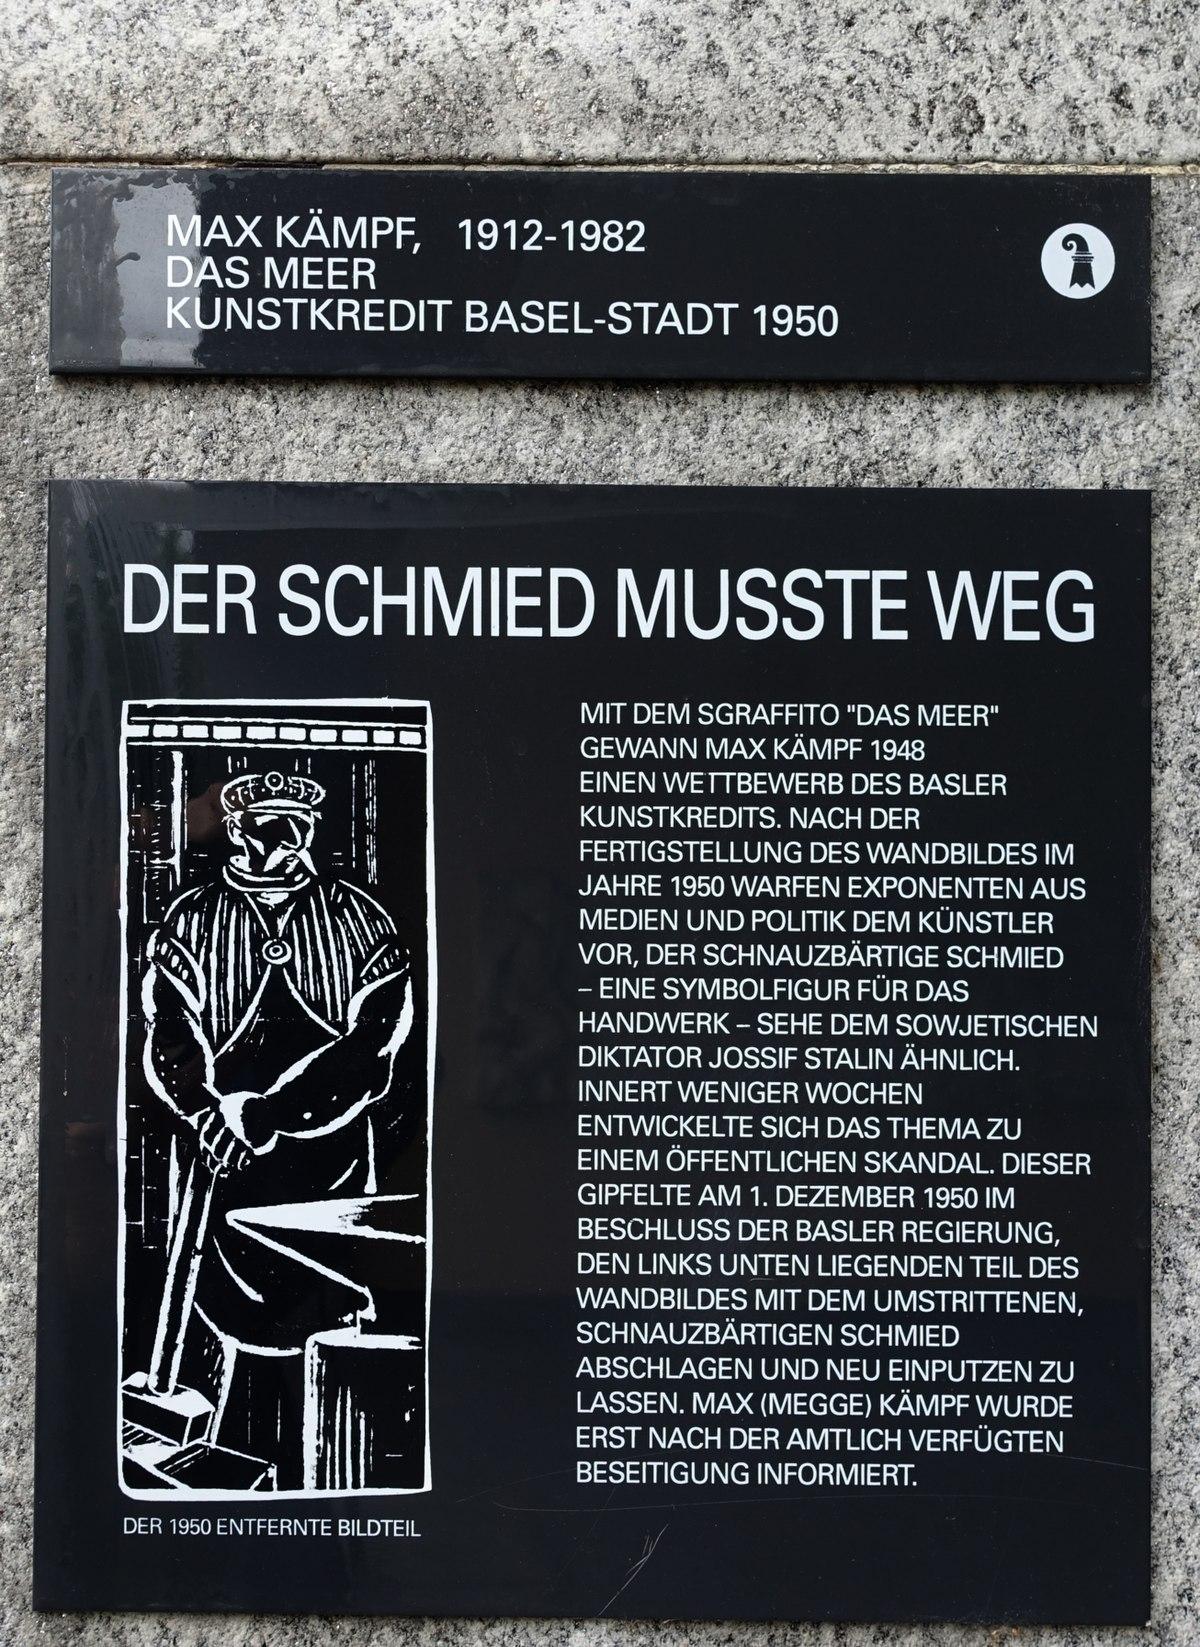 Max Kämpf (1912–1982) Maler und Zeichner. Sgraffito, Das Meer. 1948–1950, an der Fassade des Wirtschaftsgymnasium-Schule in Basel. Auf dem Bildnis war zusätzlich ein Schmied (Allegorie auf das Handwerk) dargestellt (angeblich Stalin gleichend), dieser wurde jedoch nach der sogenannten «Schnauzaffäre» und nach der Weigerung einer Überarbeitung des entsprechenden Details über Nacht weggemeisselt.